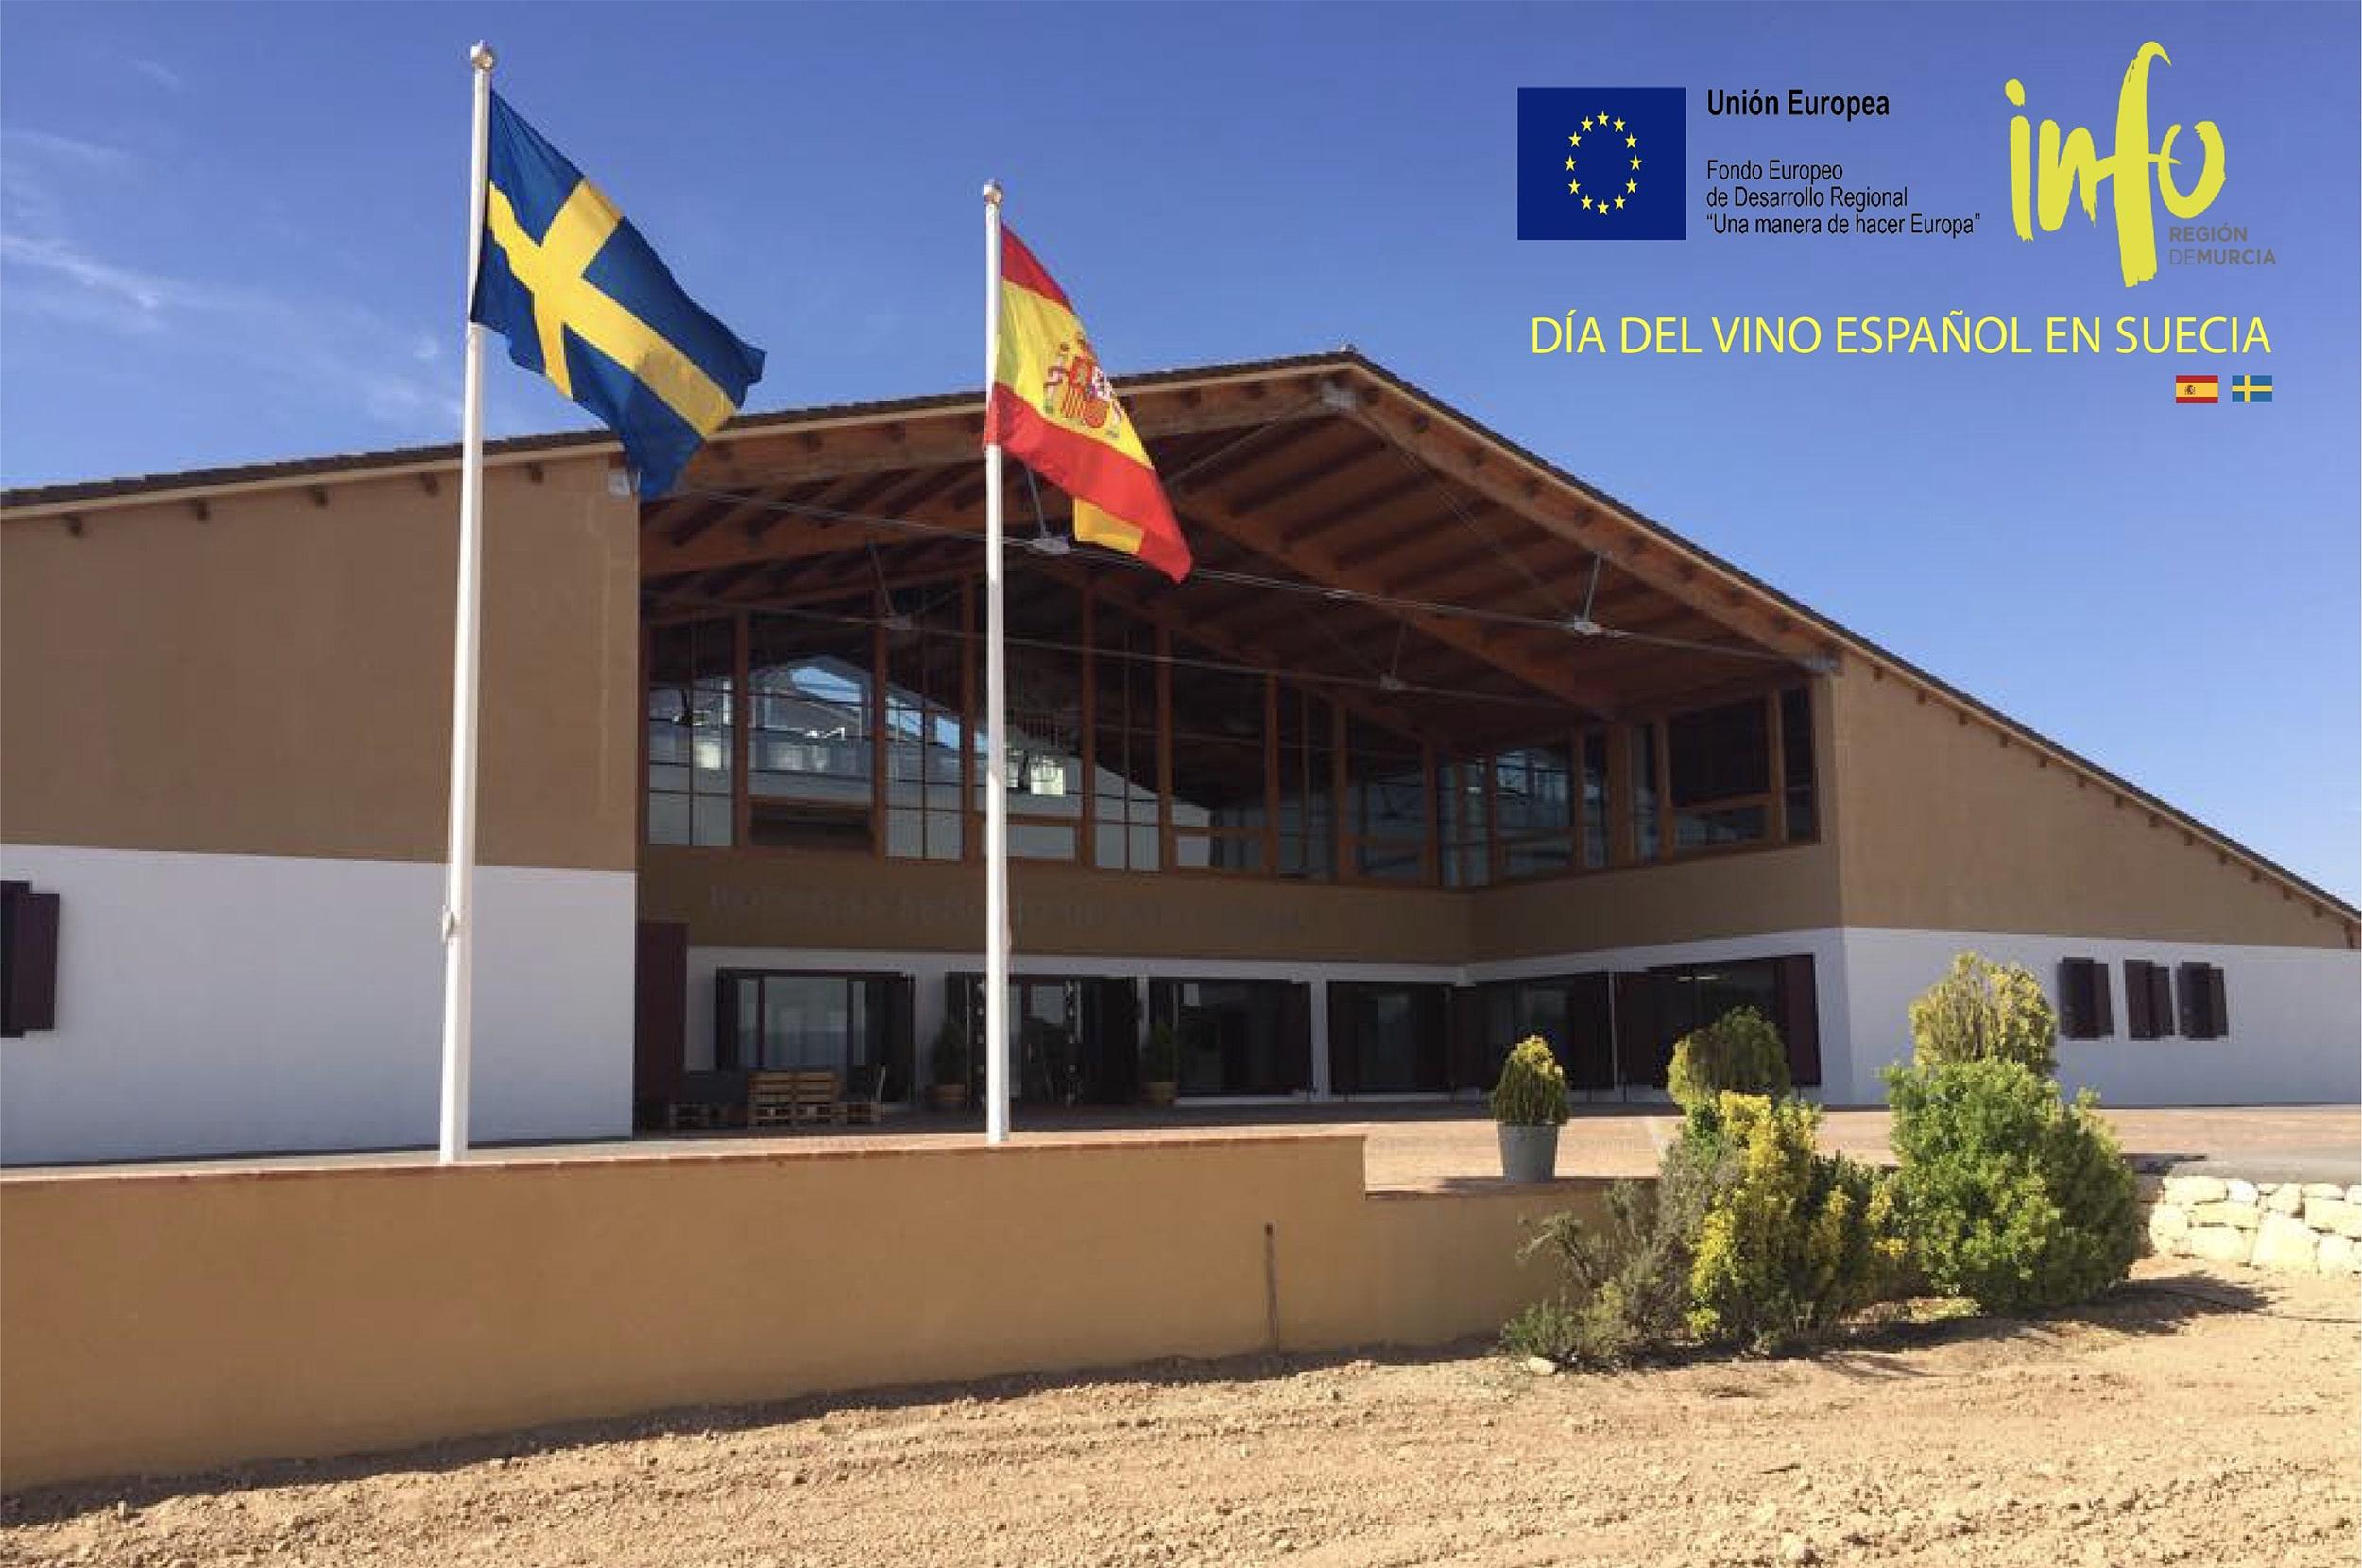 Día del vino español en Suecia